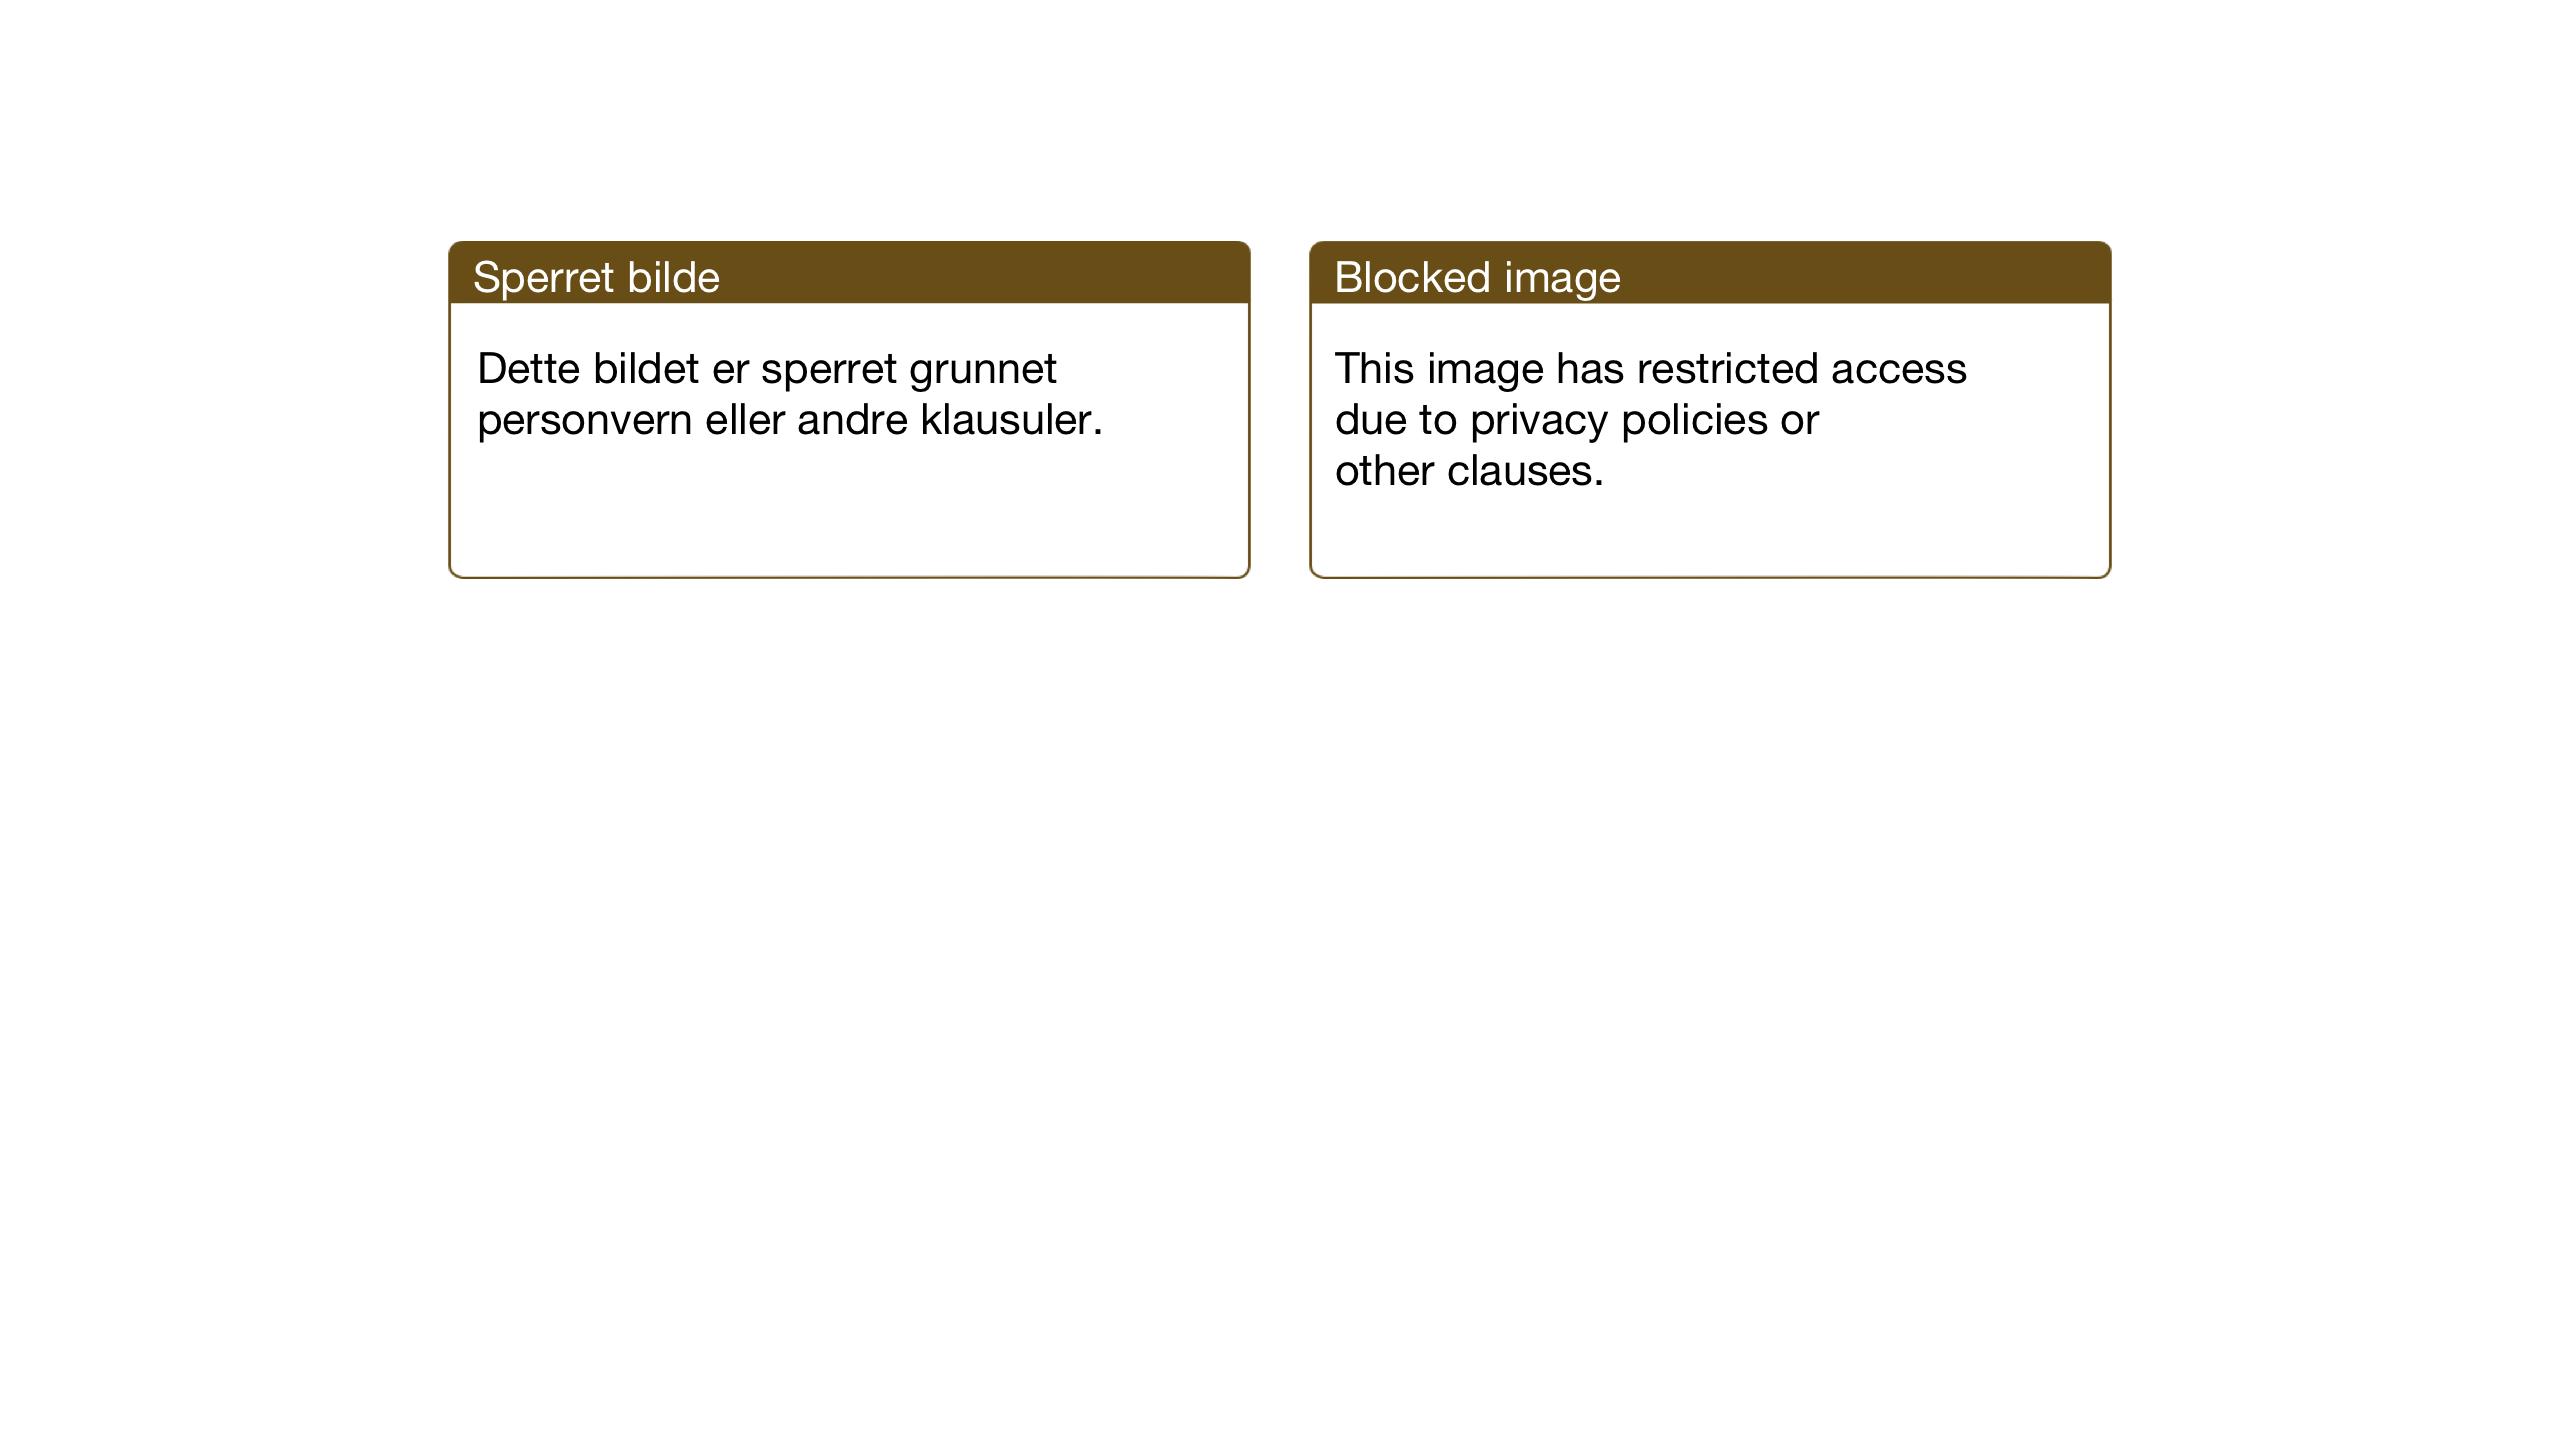 SAT, Ministerialprotokoller, klokkerbøker og fødselsregistre - Sør-Trøndelag, 682/L0947: Klokkerbok nr. 682C01, 1926-1968, s. 115